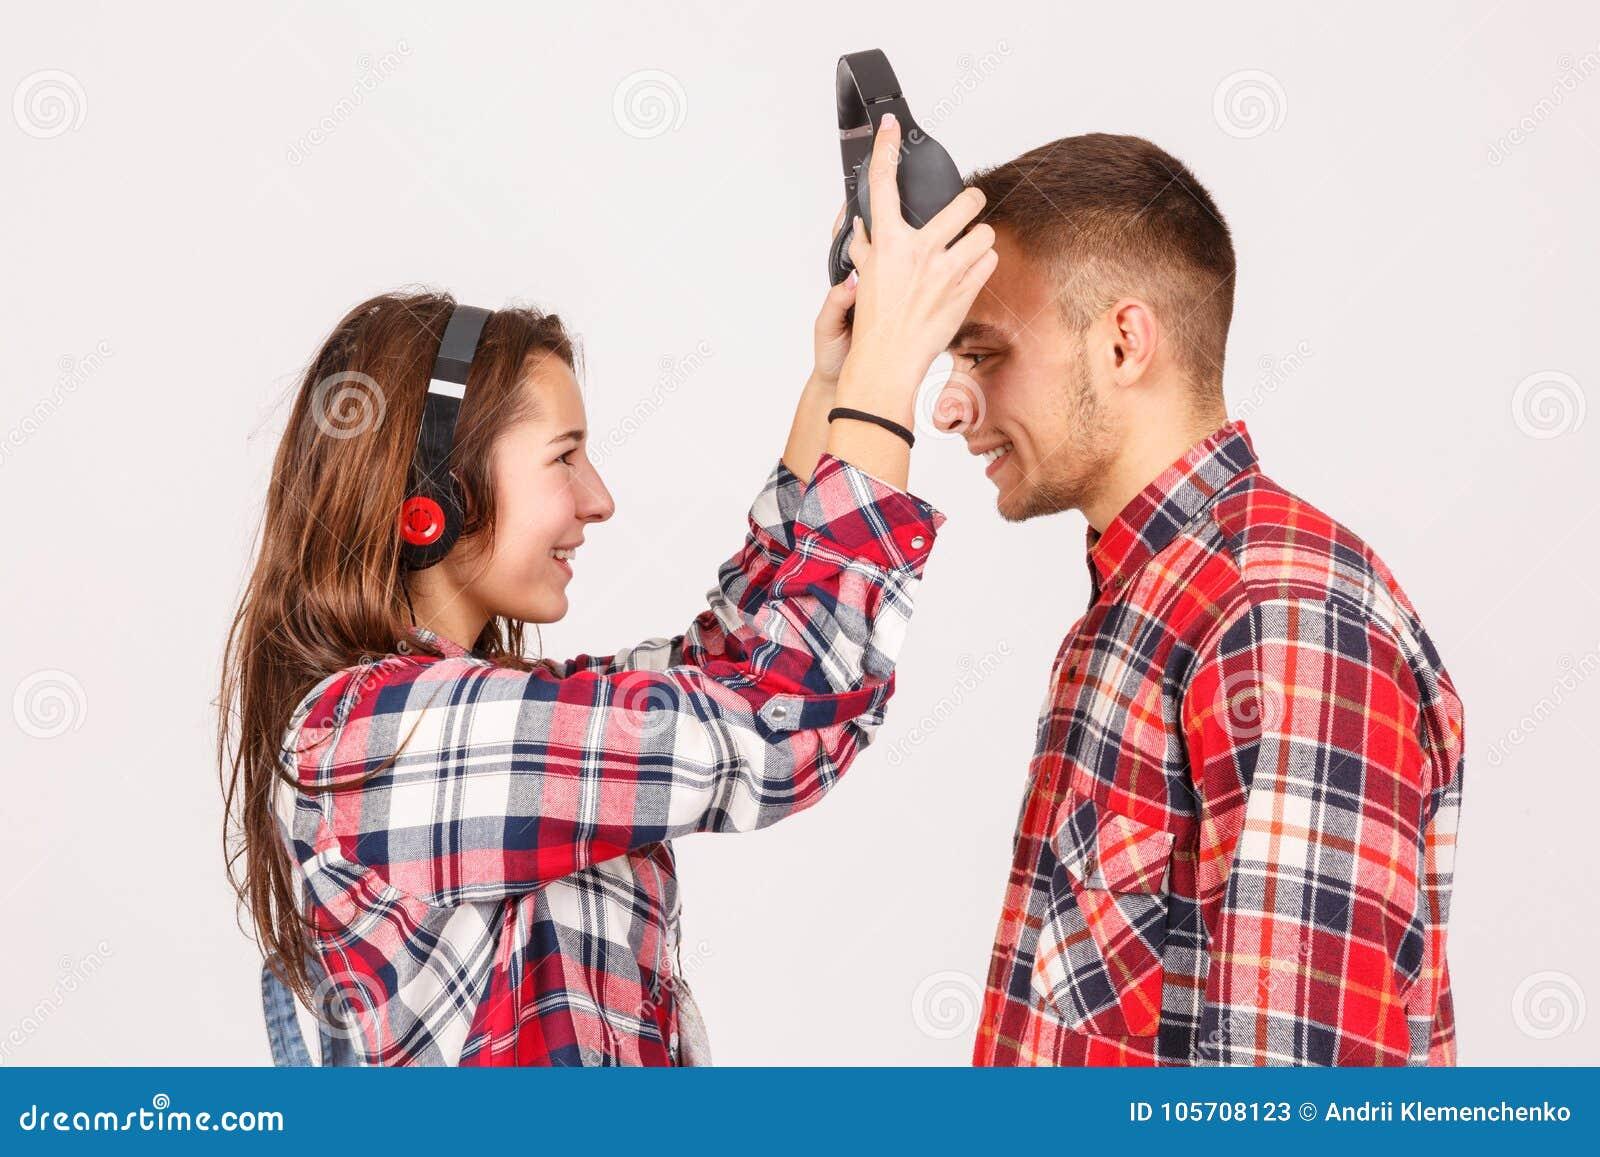 Телка надевает парню гондо, видео зрелая сосет